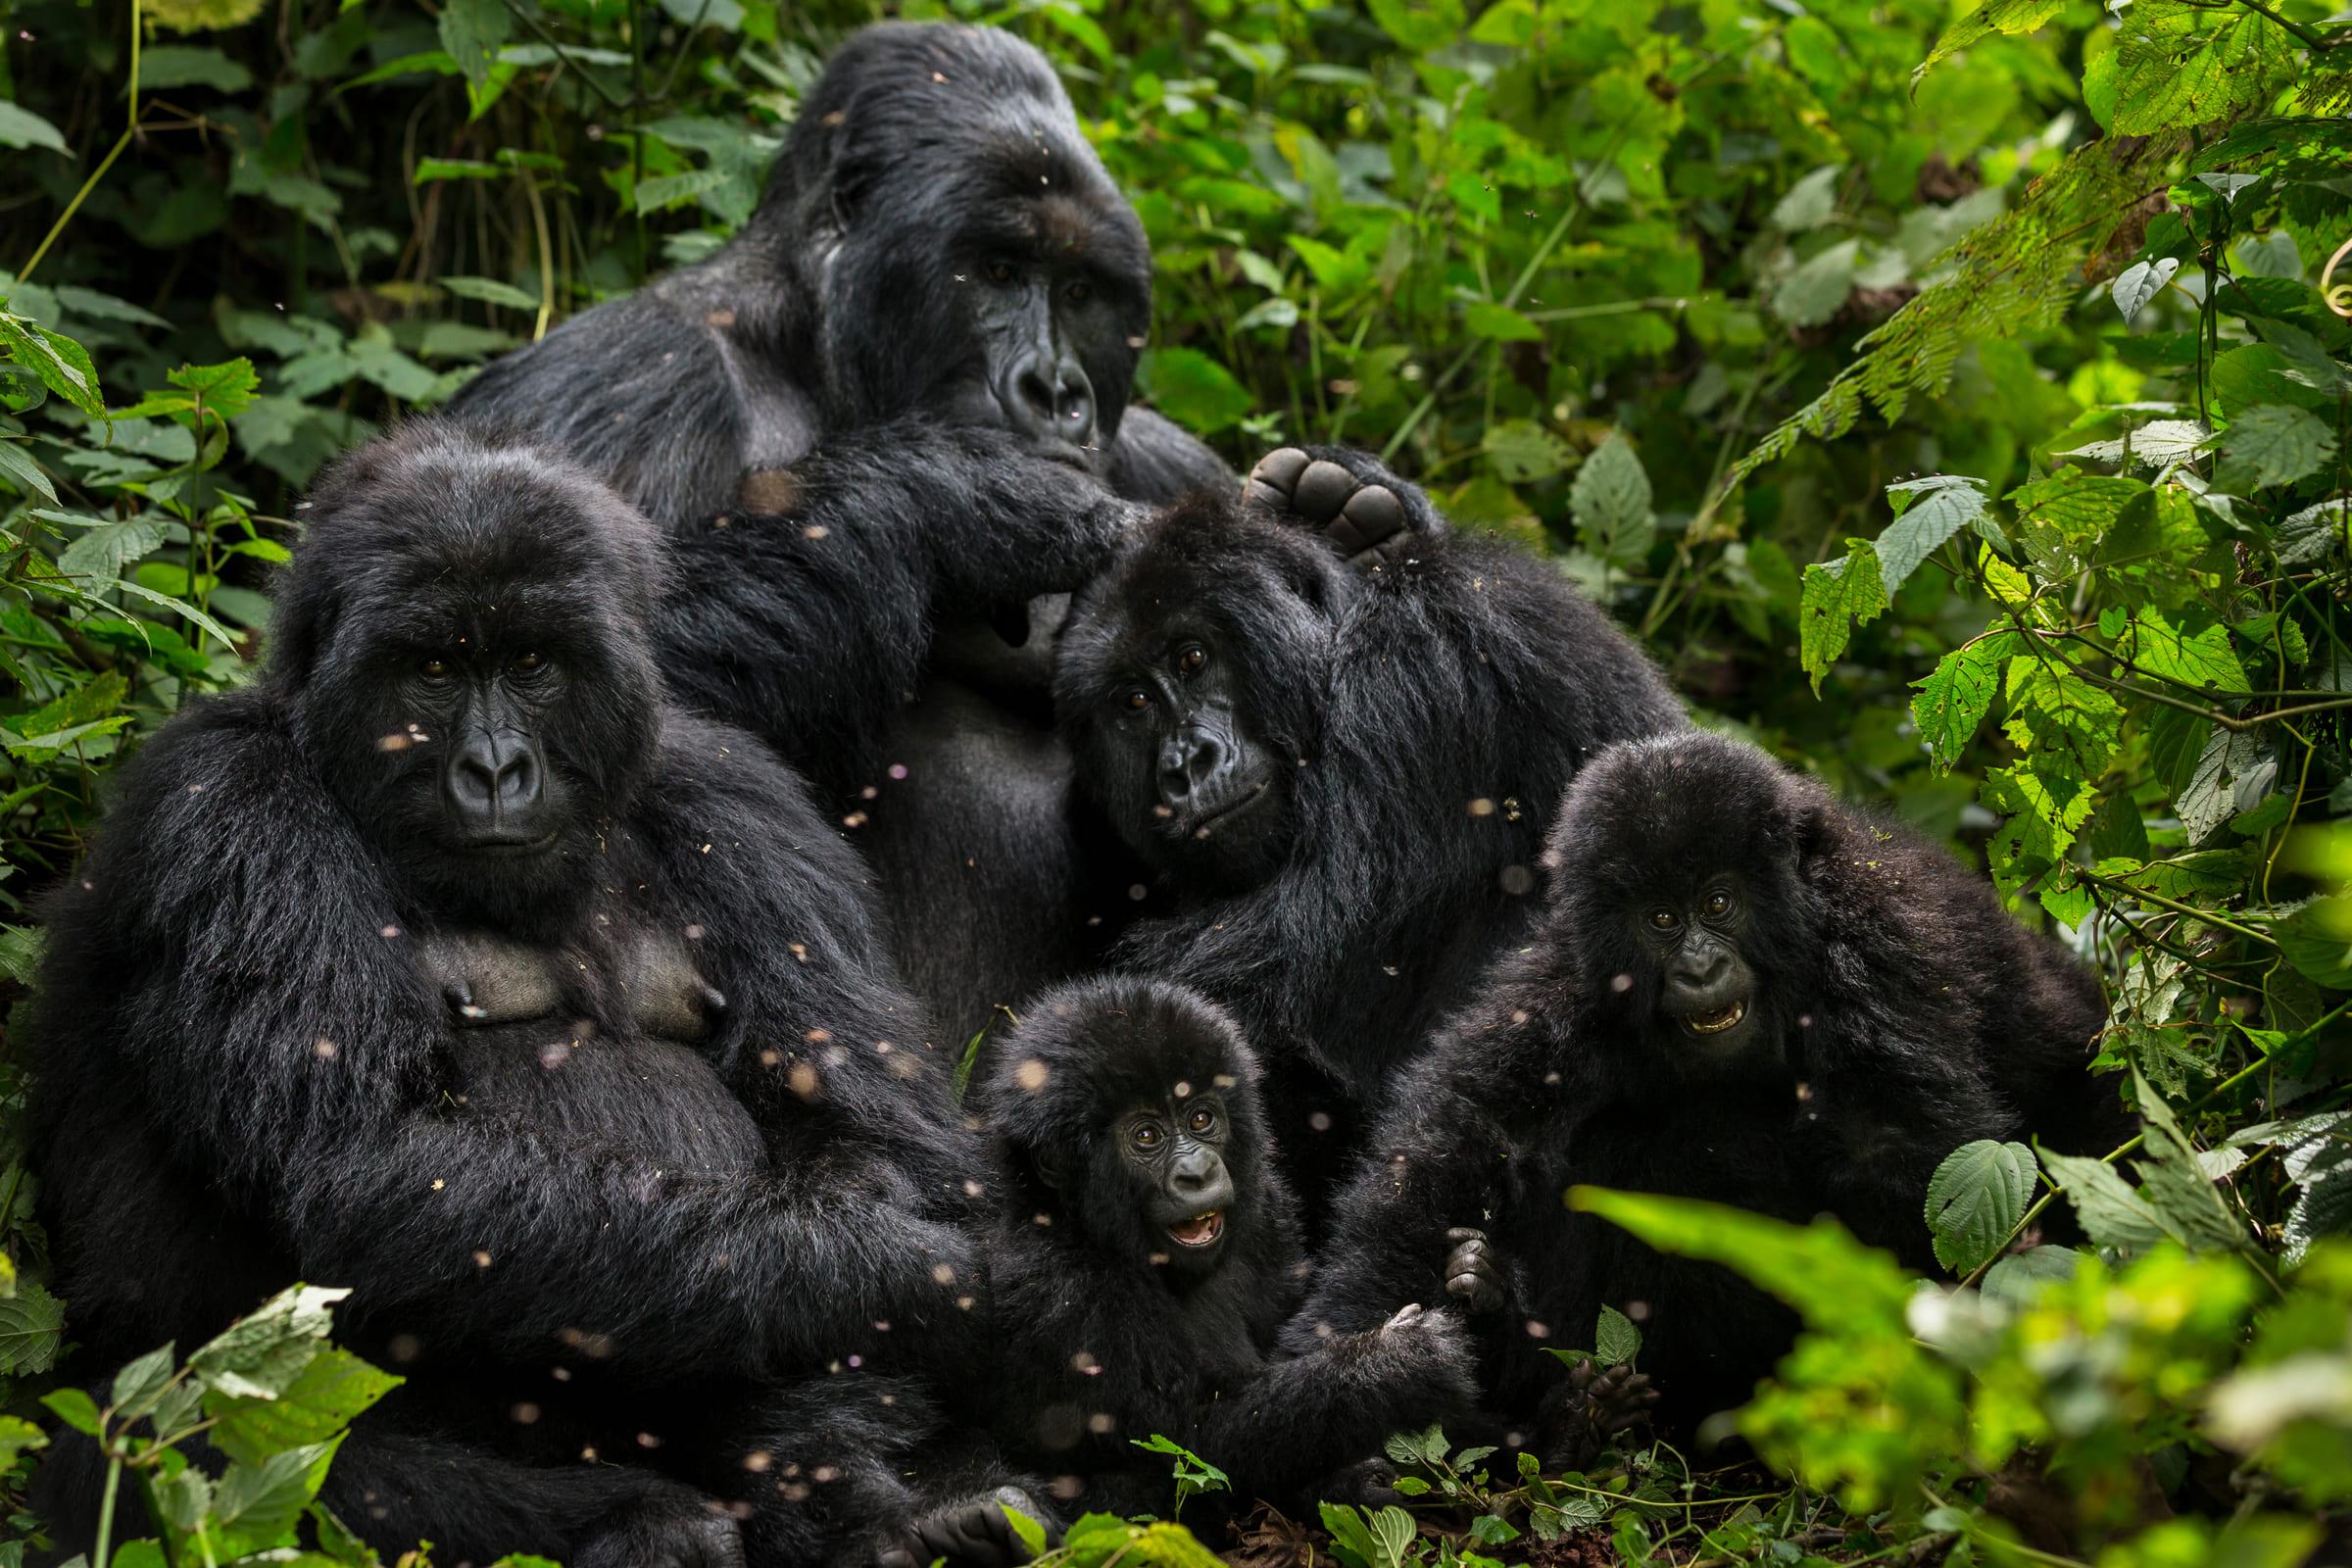 Famiglia di gorilla nel Parco Nazionale Virunga